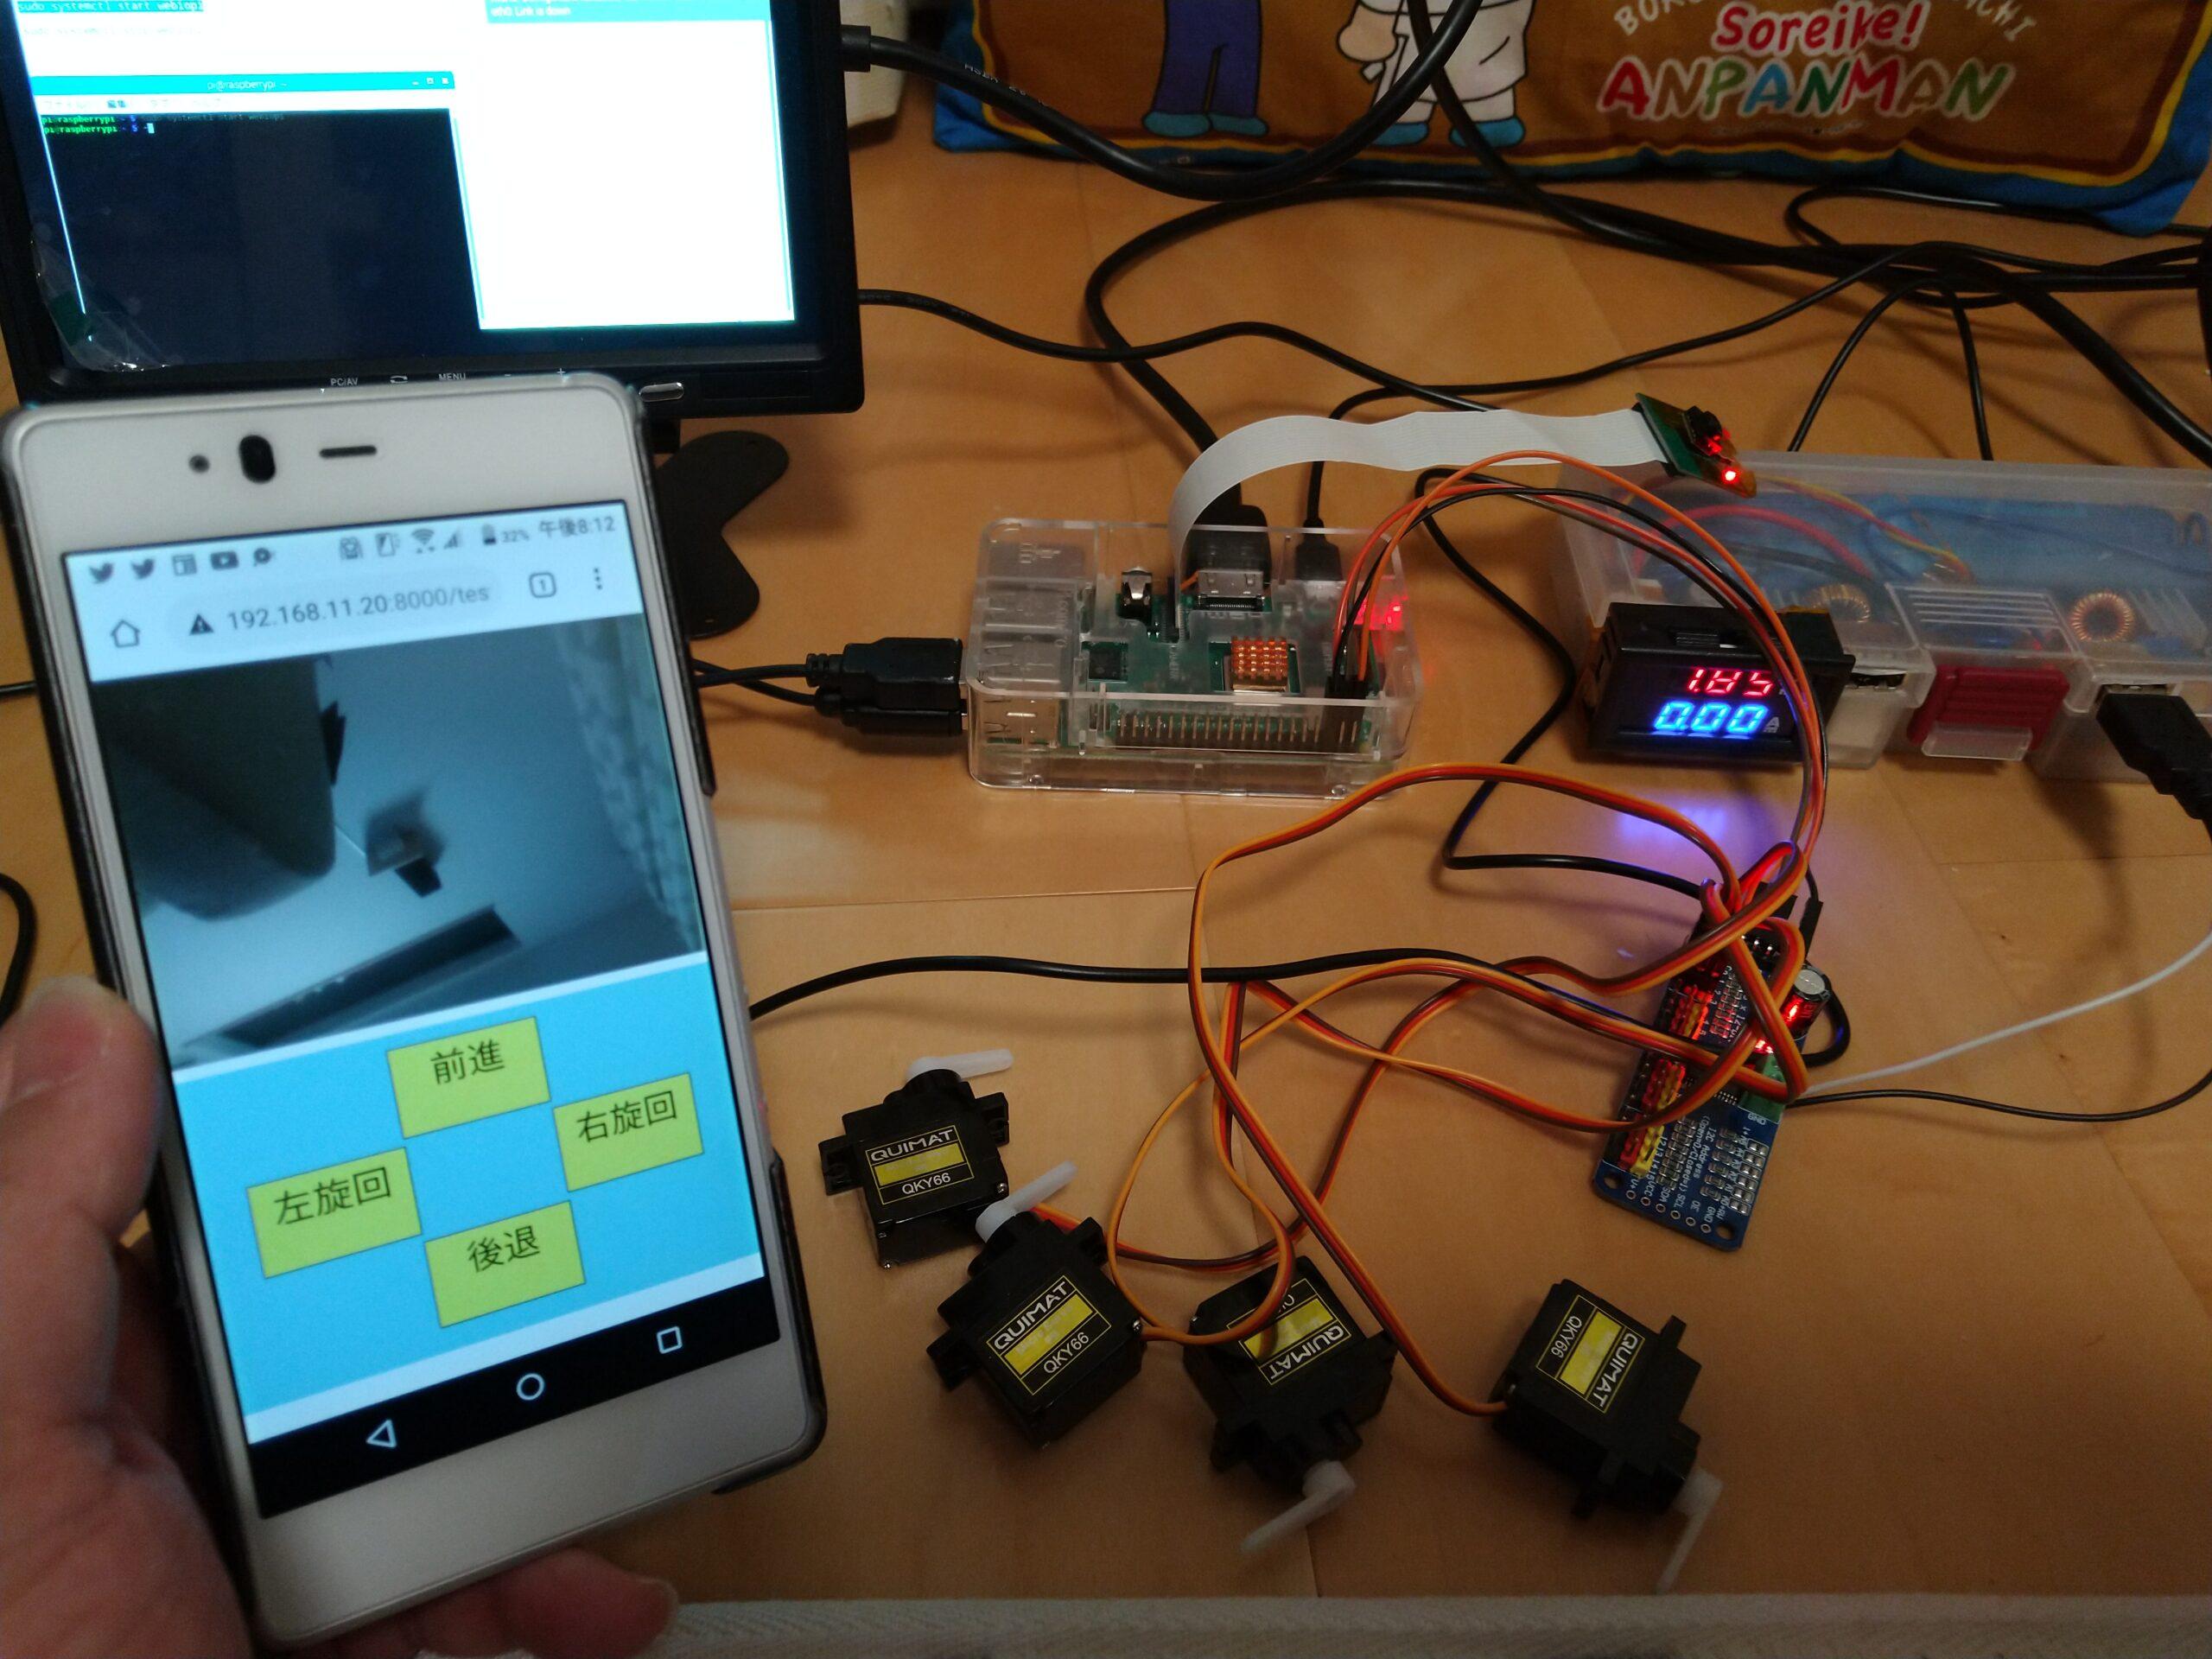 Raspberry piで2足歩行ロボットの作成②「webiopiでブラウザからi2c制御してPCA9685でサーボを動かしてみる」